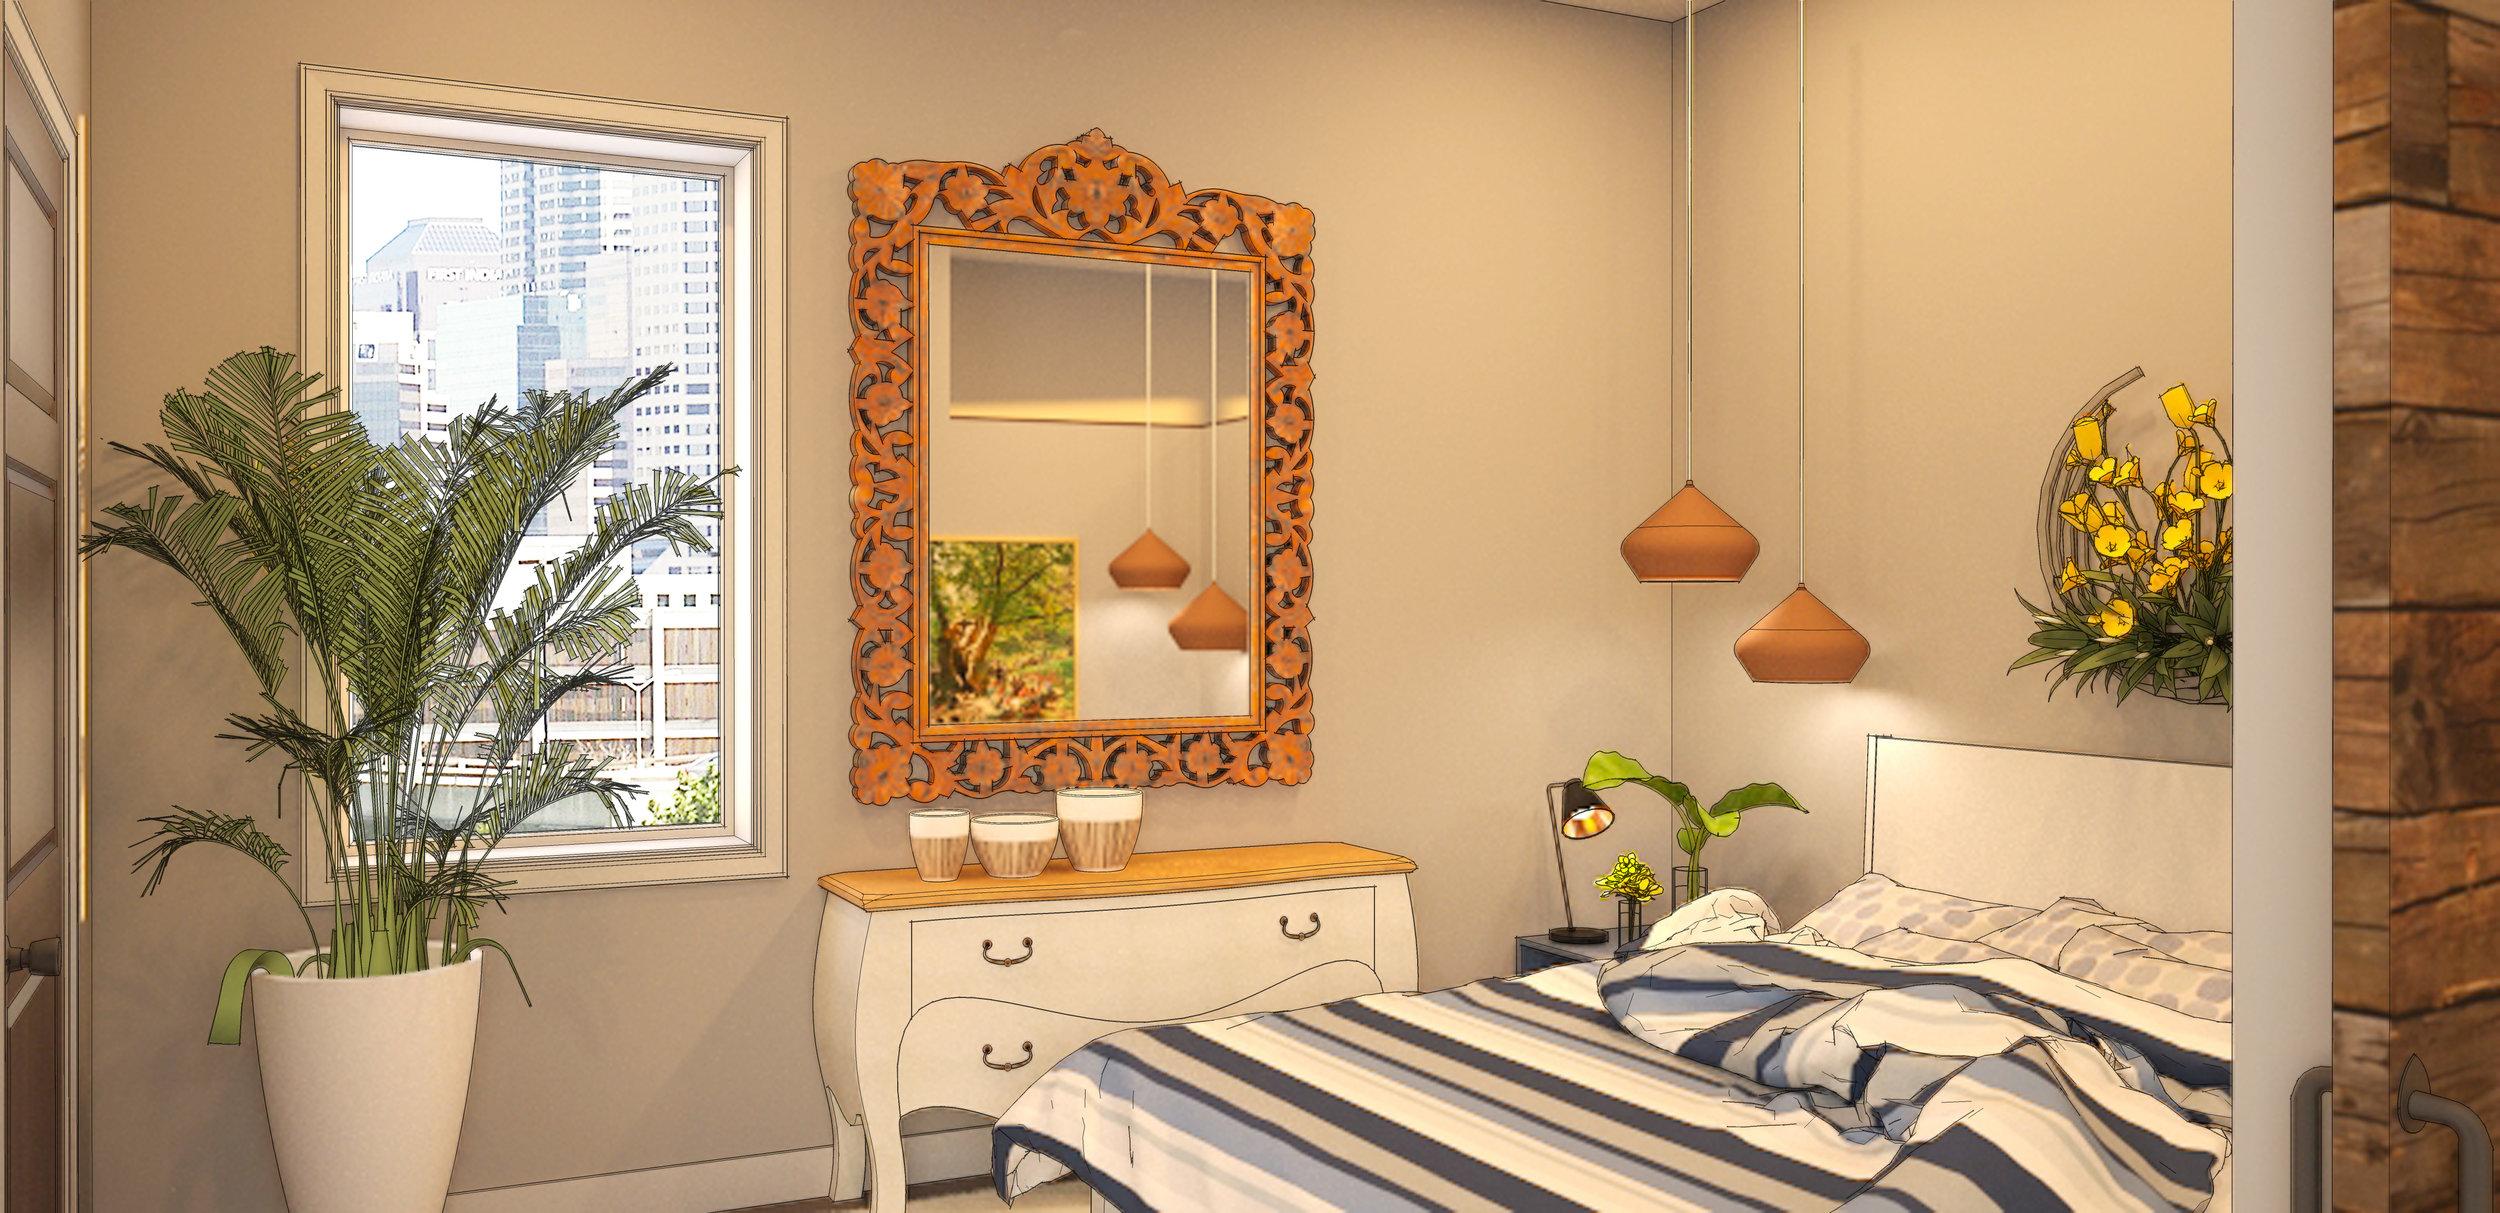 market_east_03_Bedroom_view03.jpg